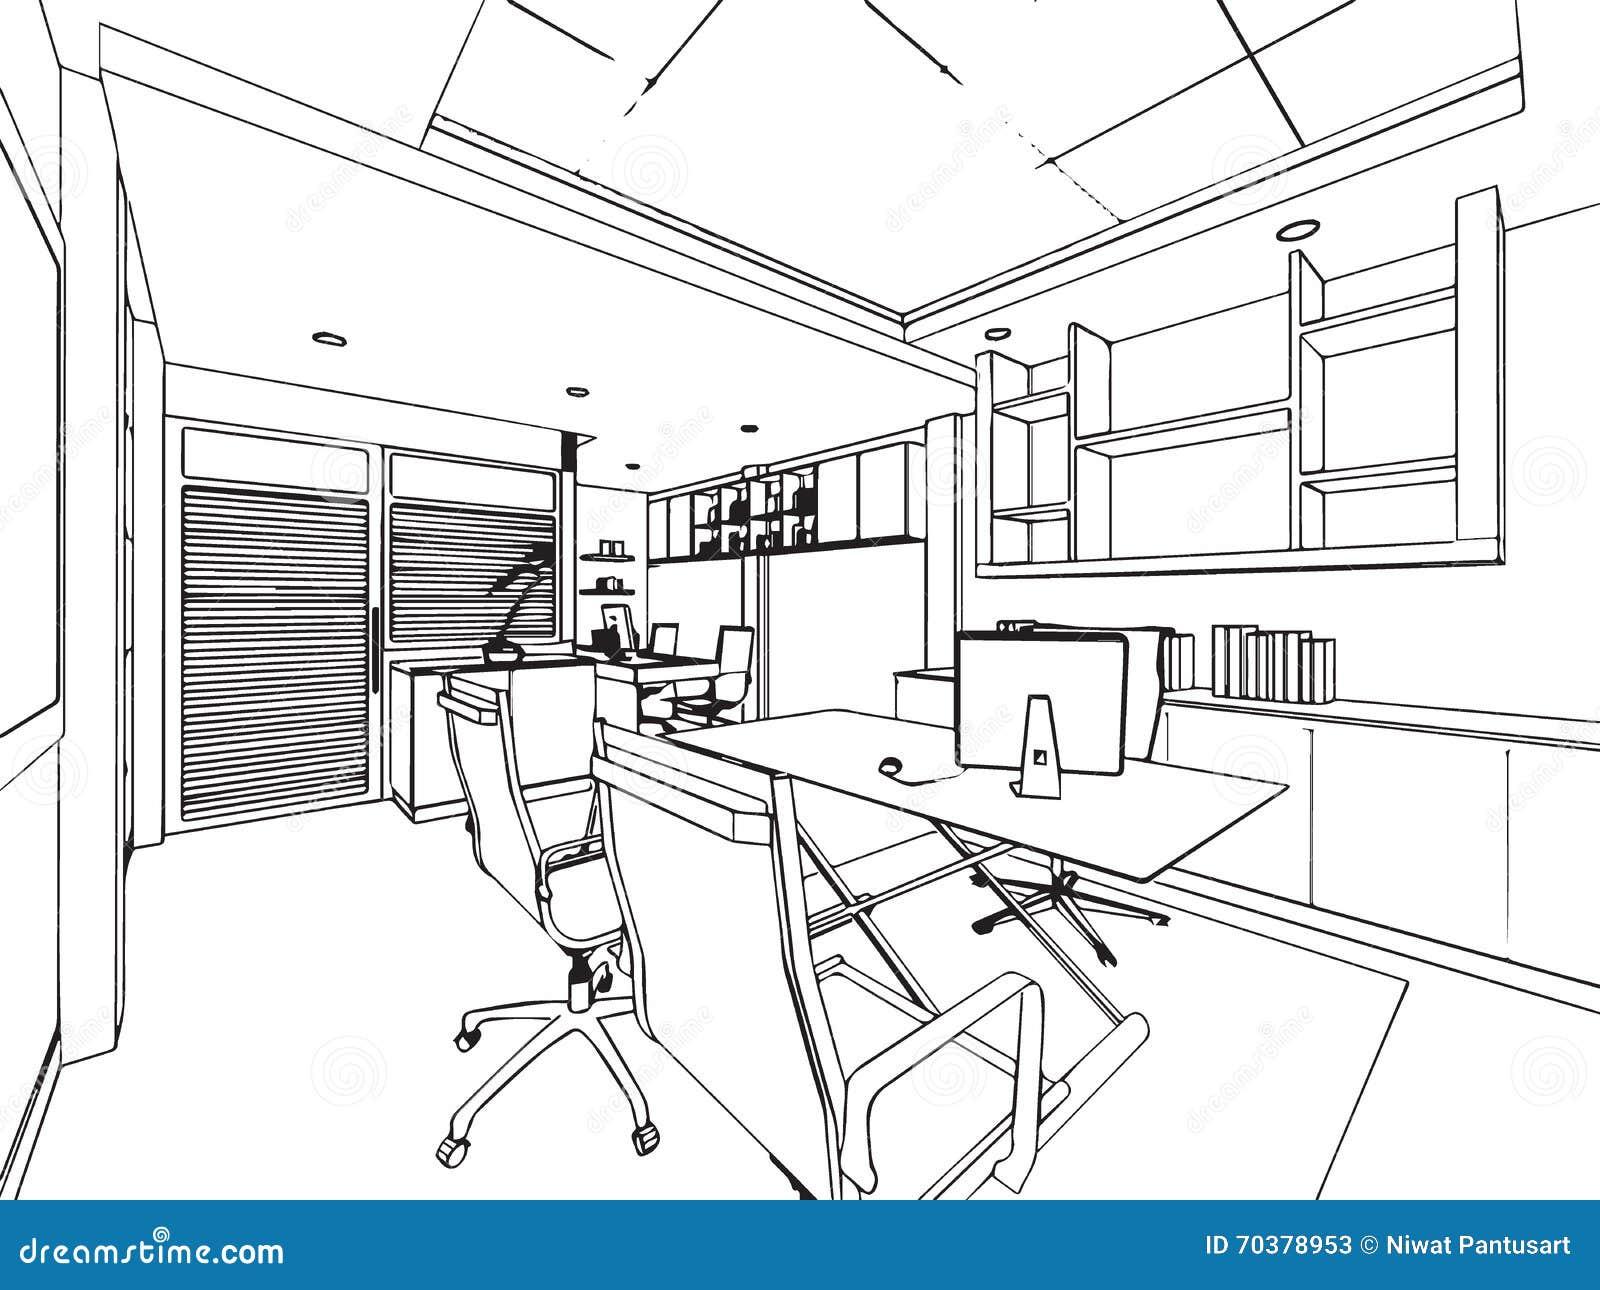 Dessin Perspective Intérieure : Décrivez la perspective de dessin croquis d un bureau